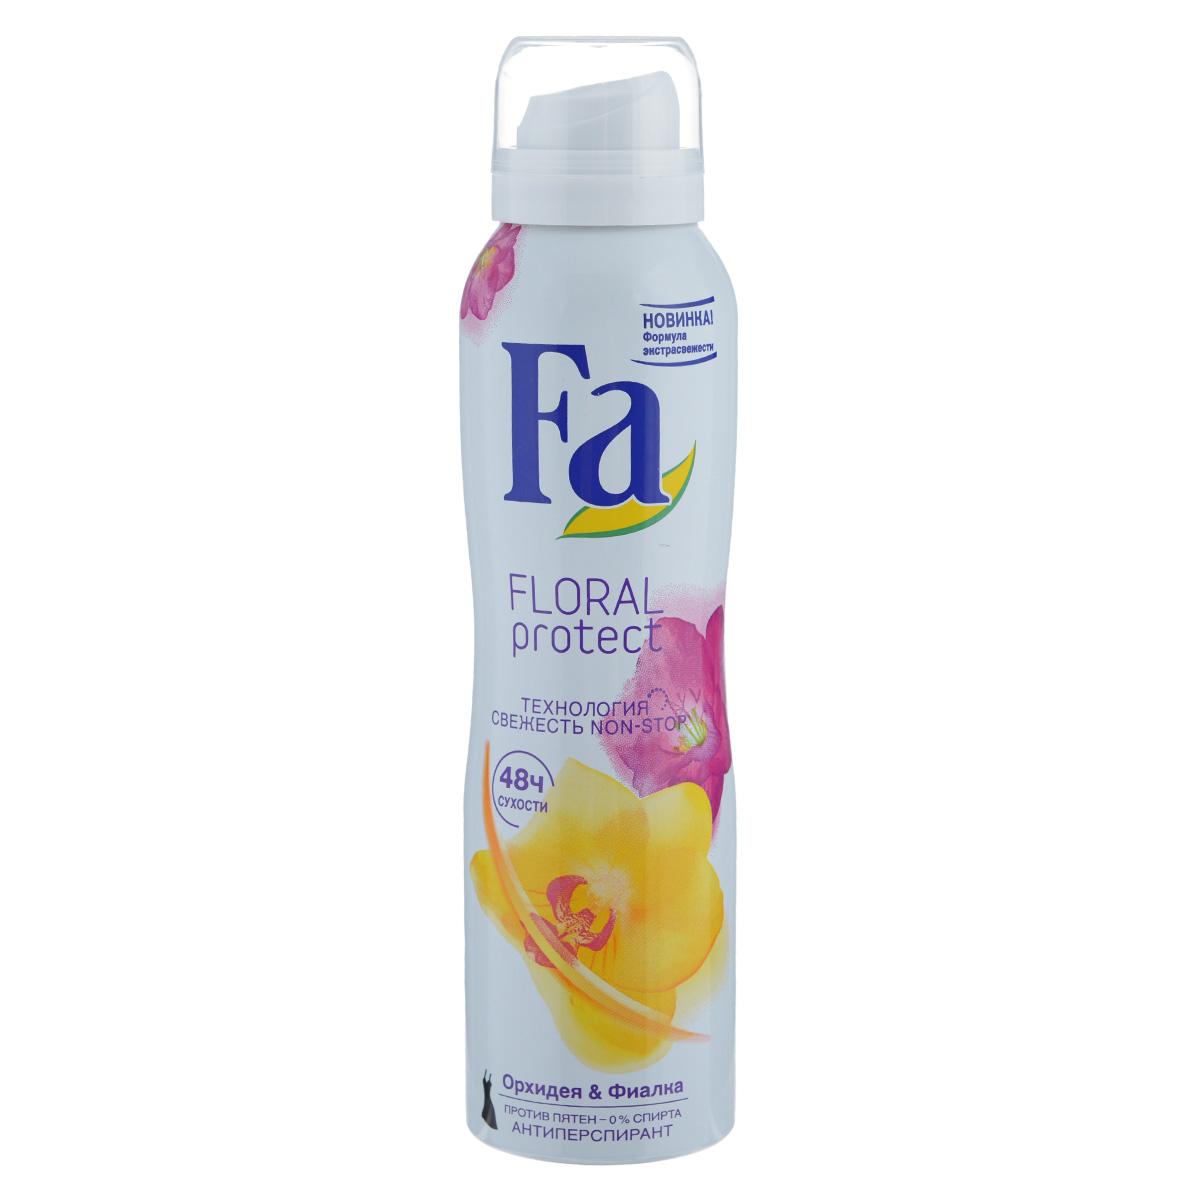 FA Дезодорант-аэрозоль женский Floral Protect Орхидея & Фиалка, 150 мл120838056Откройте для себя парфюмерную революцию в дезодорантах! надежная део-защита и раскрытие аромата орхидеи и фиалки на протяжении всего дня. - Эффективная защита против пота и запаха - Ощущение свежести в течение всего дня - Защита против пятен - Хорошая переносимость кожей - Протестировано дерматологами